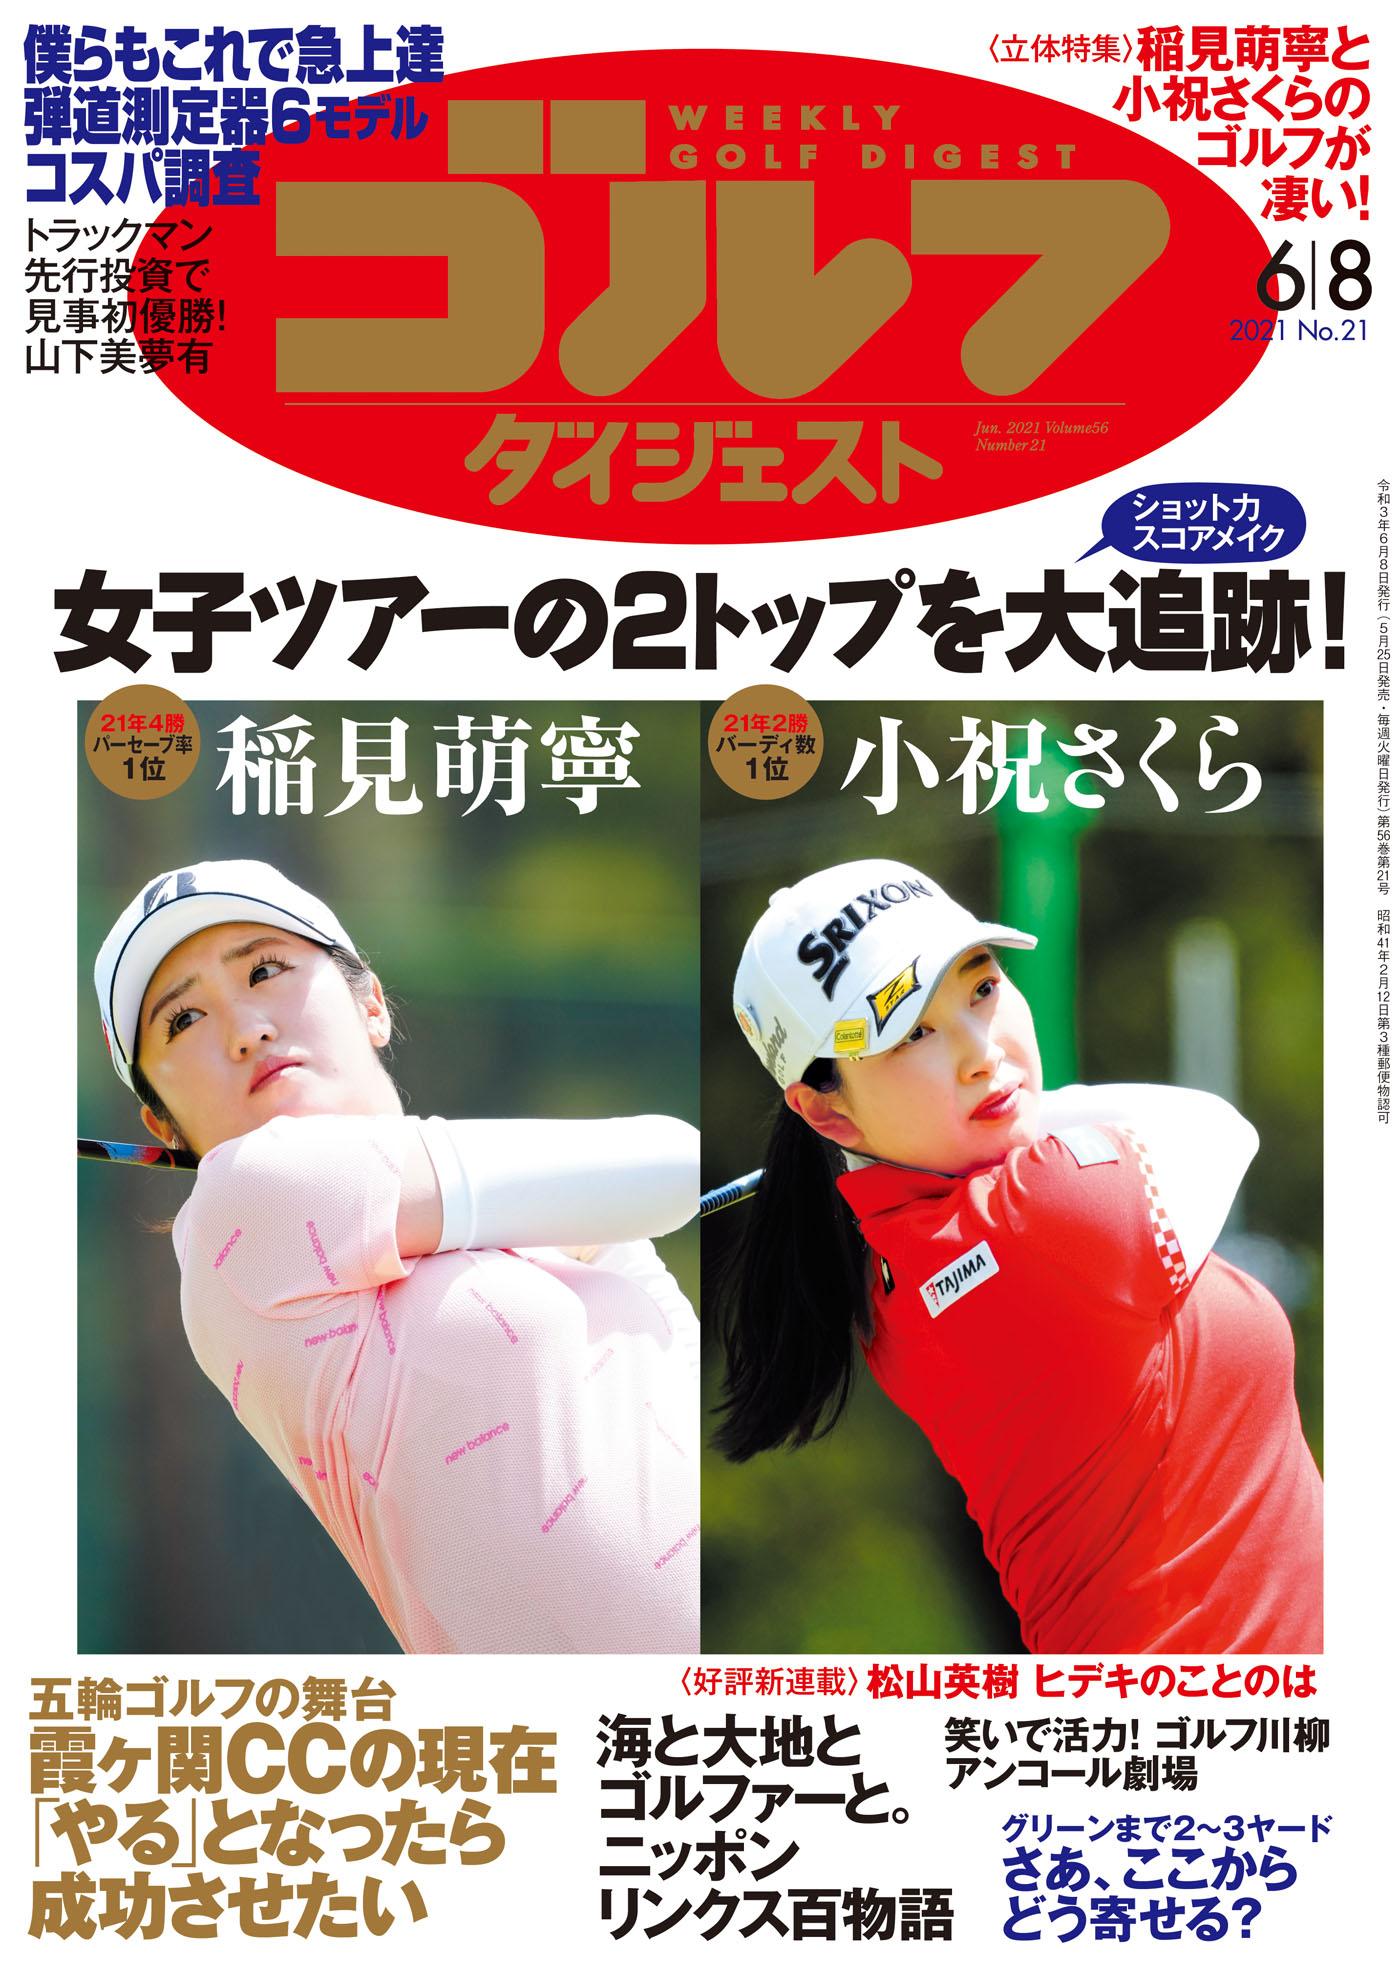 週刊ゴルフダイジェスト2021年6月8日号